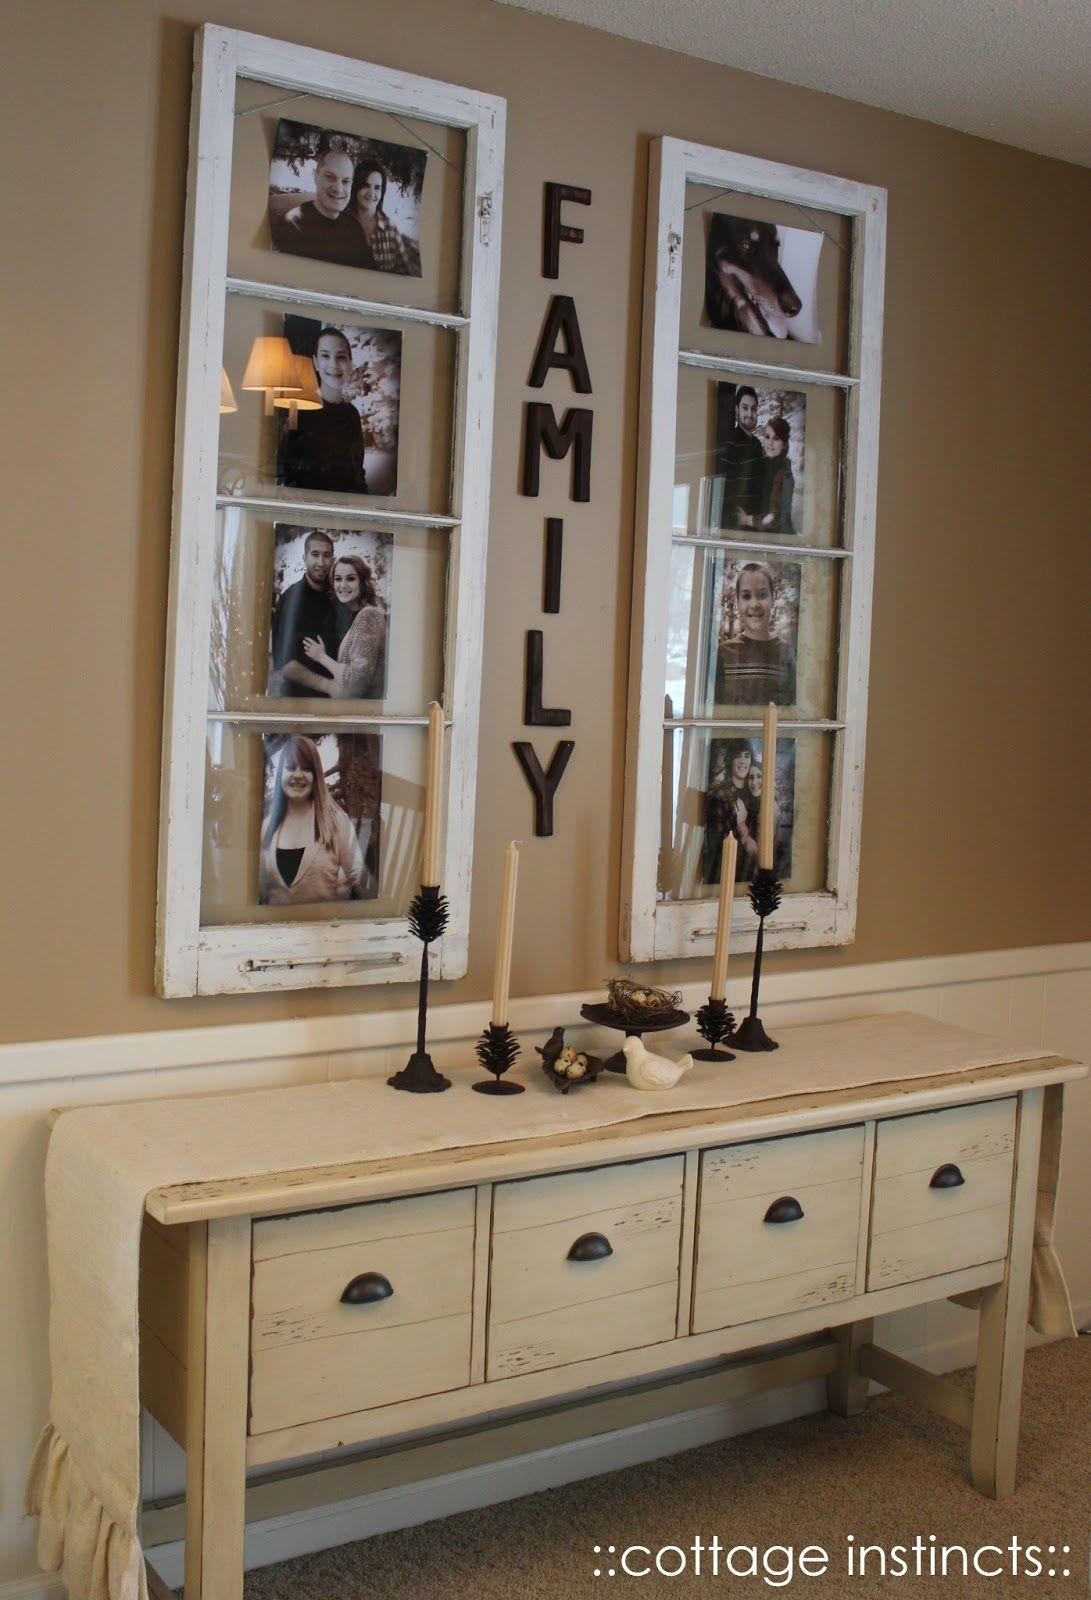 decorare con foto famiglia modo originale ecco idee round accent table decorating ideas piacciono casa per voi oggi modi creativo vostra vostre folding coffee ikea white end small